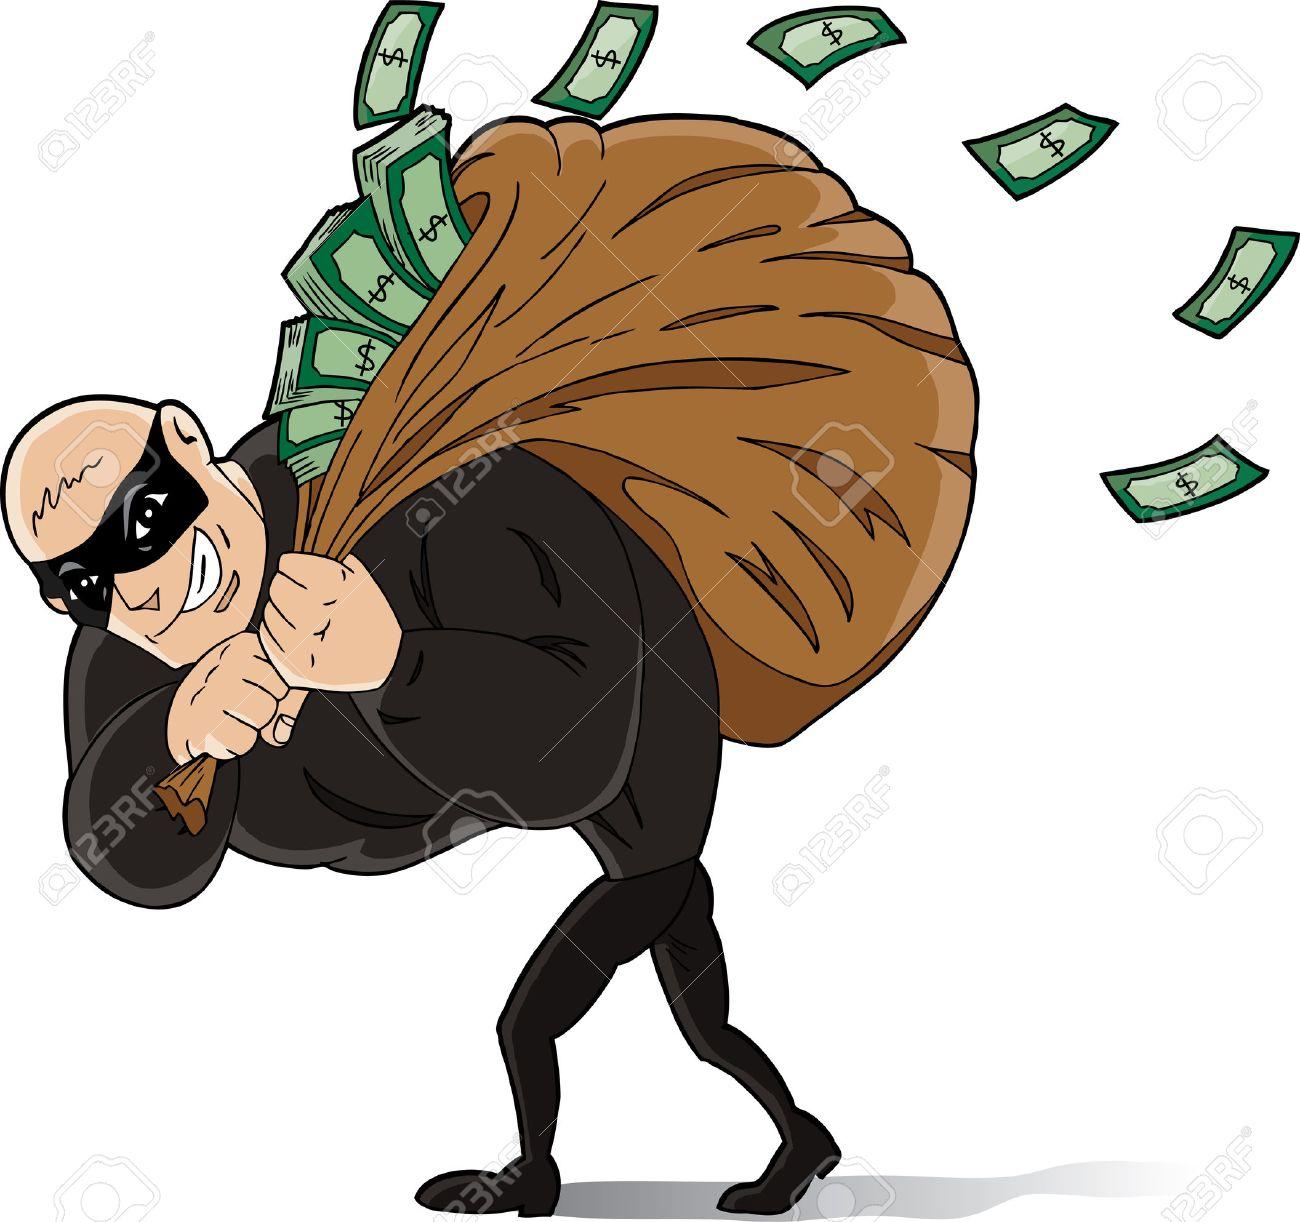 http://previews.123rf.com/images/danomyte/danomyte1005/danomyte100500010/6944677-Big-Dieb-eine-Menge-Geld-zu-stehlen--Lizenzfreie-Bilder.jpg